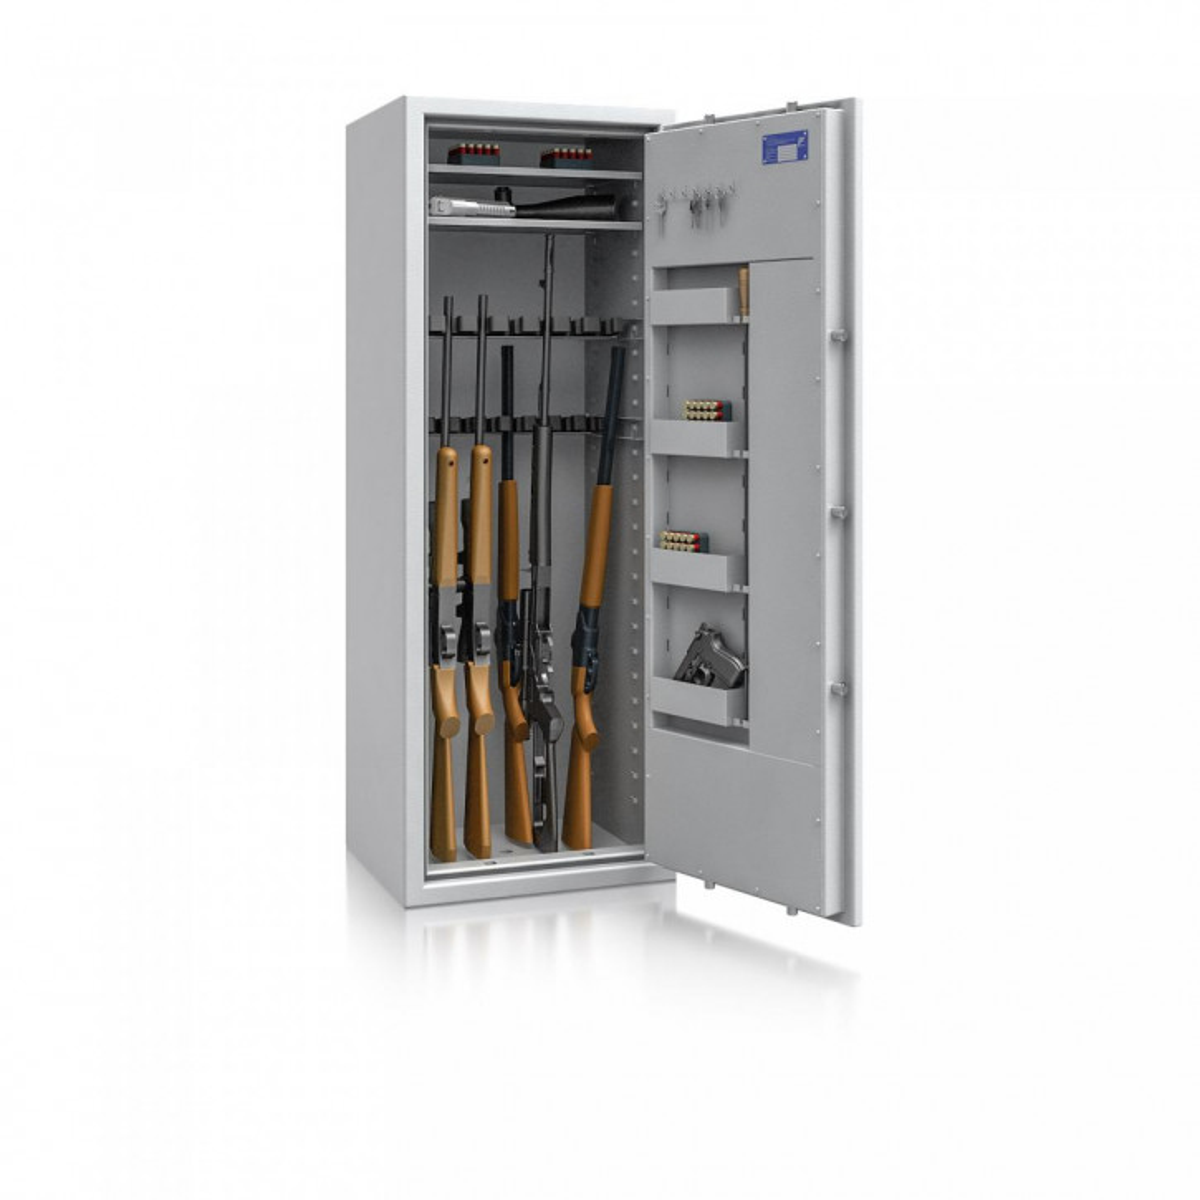 Waffenschrank St. Gallen WF MAX 1 - 1500x550x450 / 179kg 56466 / Klasse I / RAL7035 / Schlüssel / DIN R